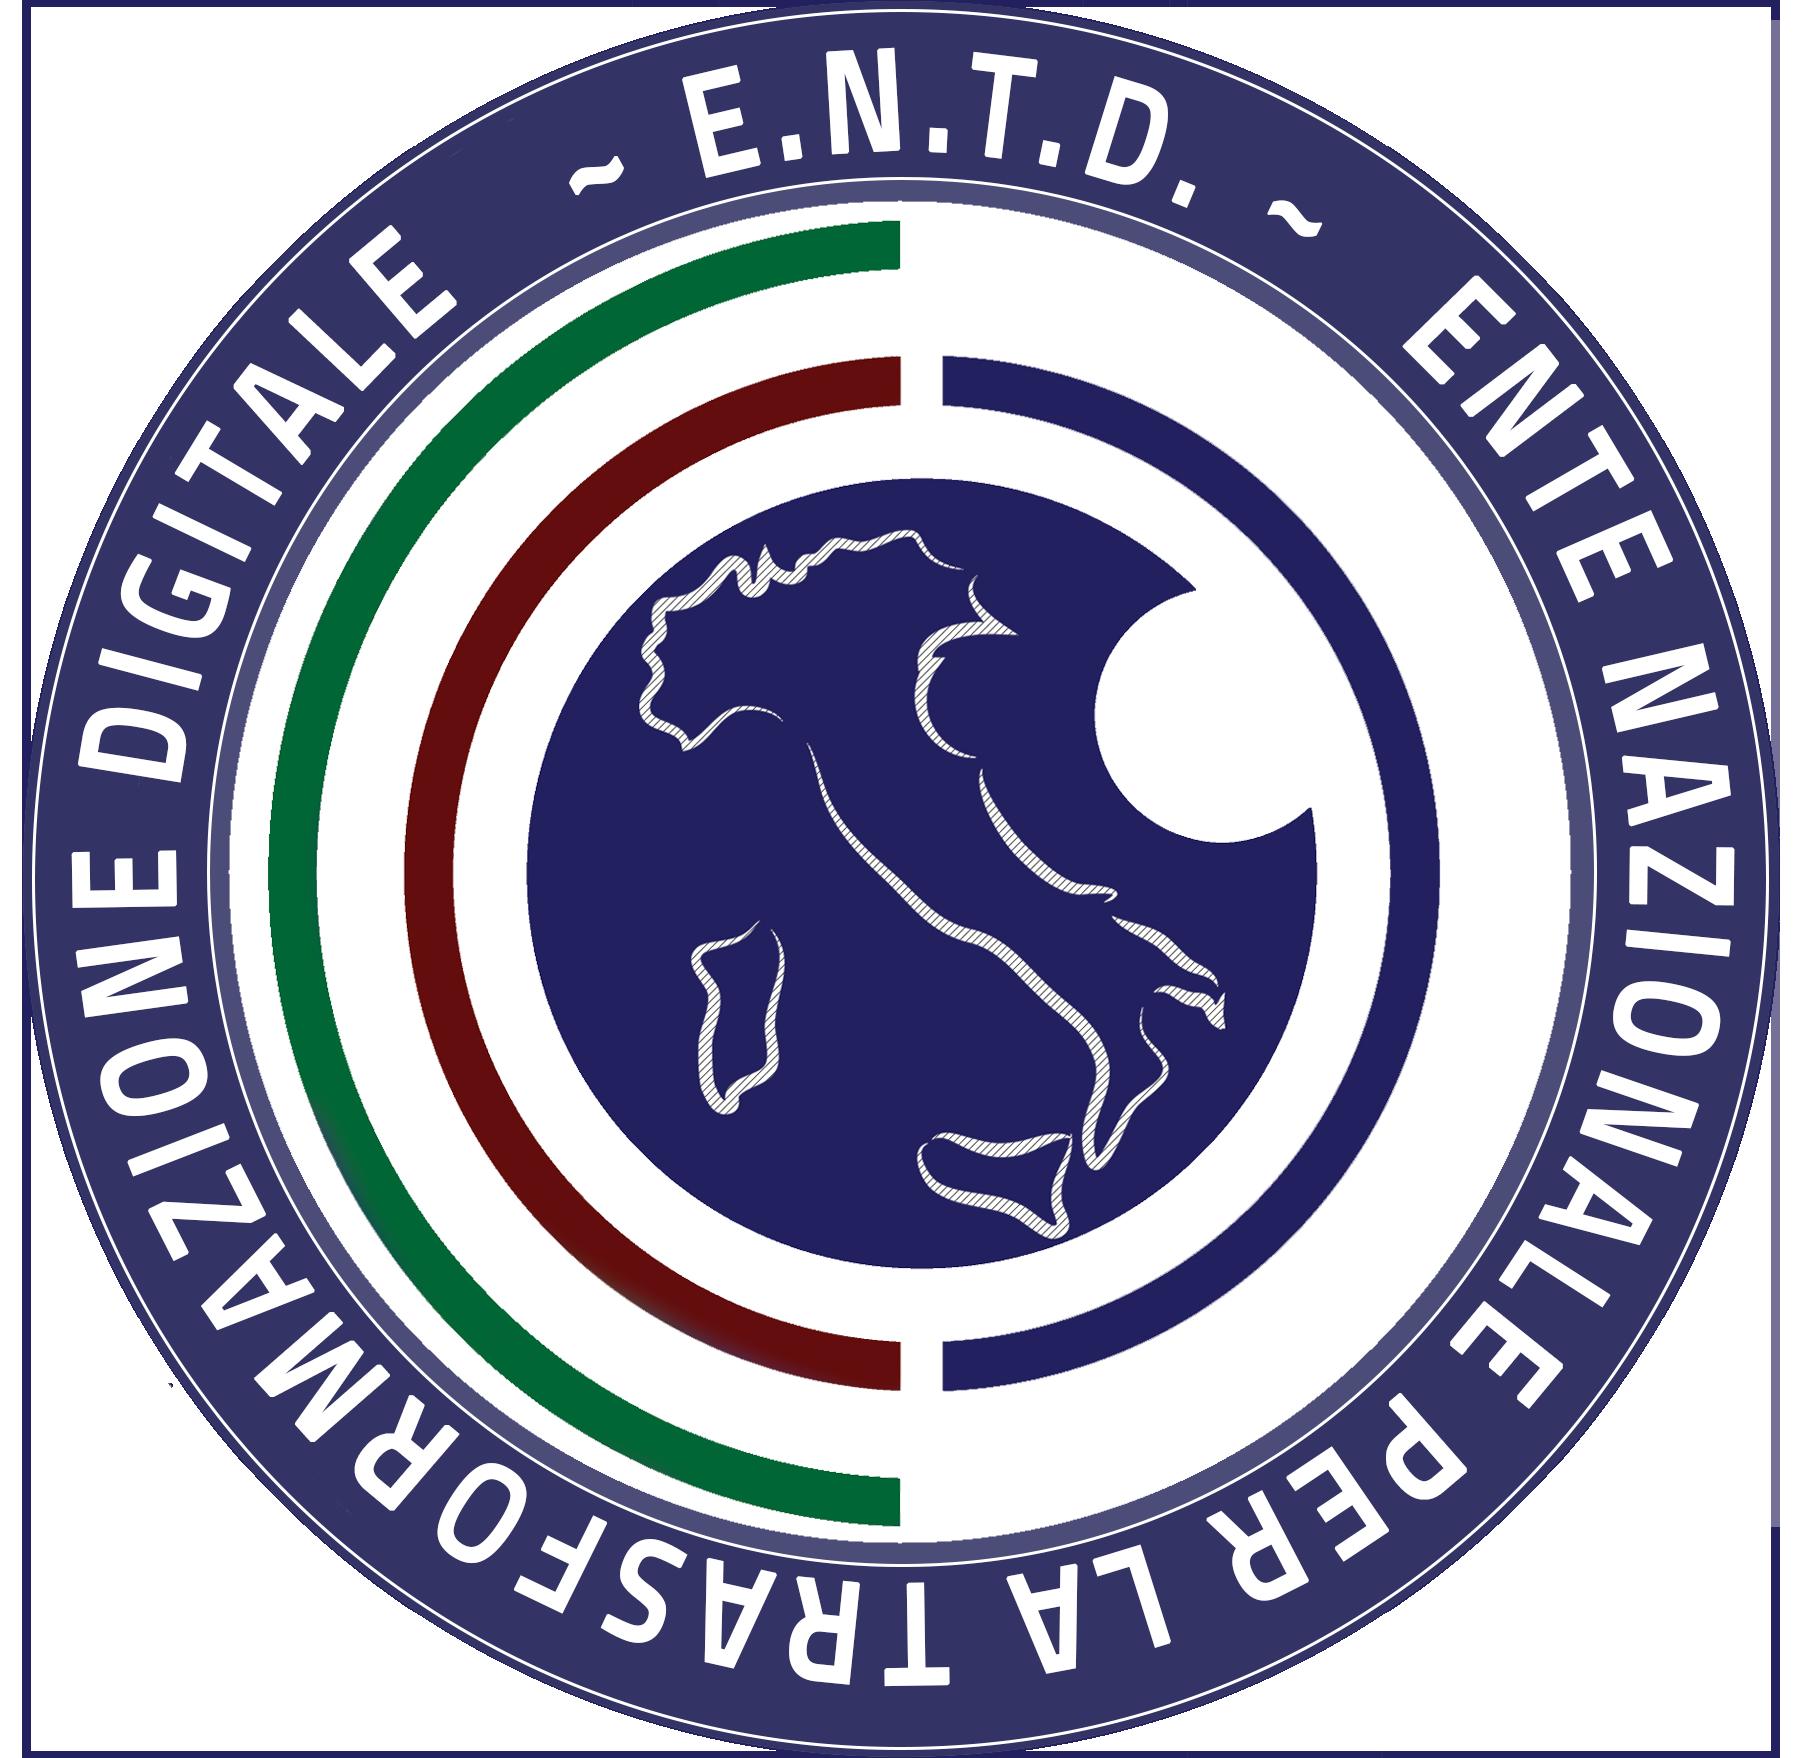 Ente nazionale per la trasformazione digitale - Pasquale Aiello Presidente